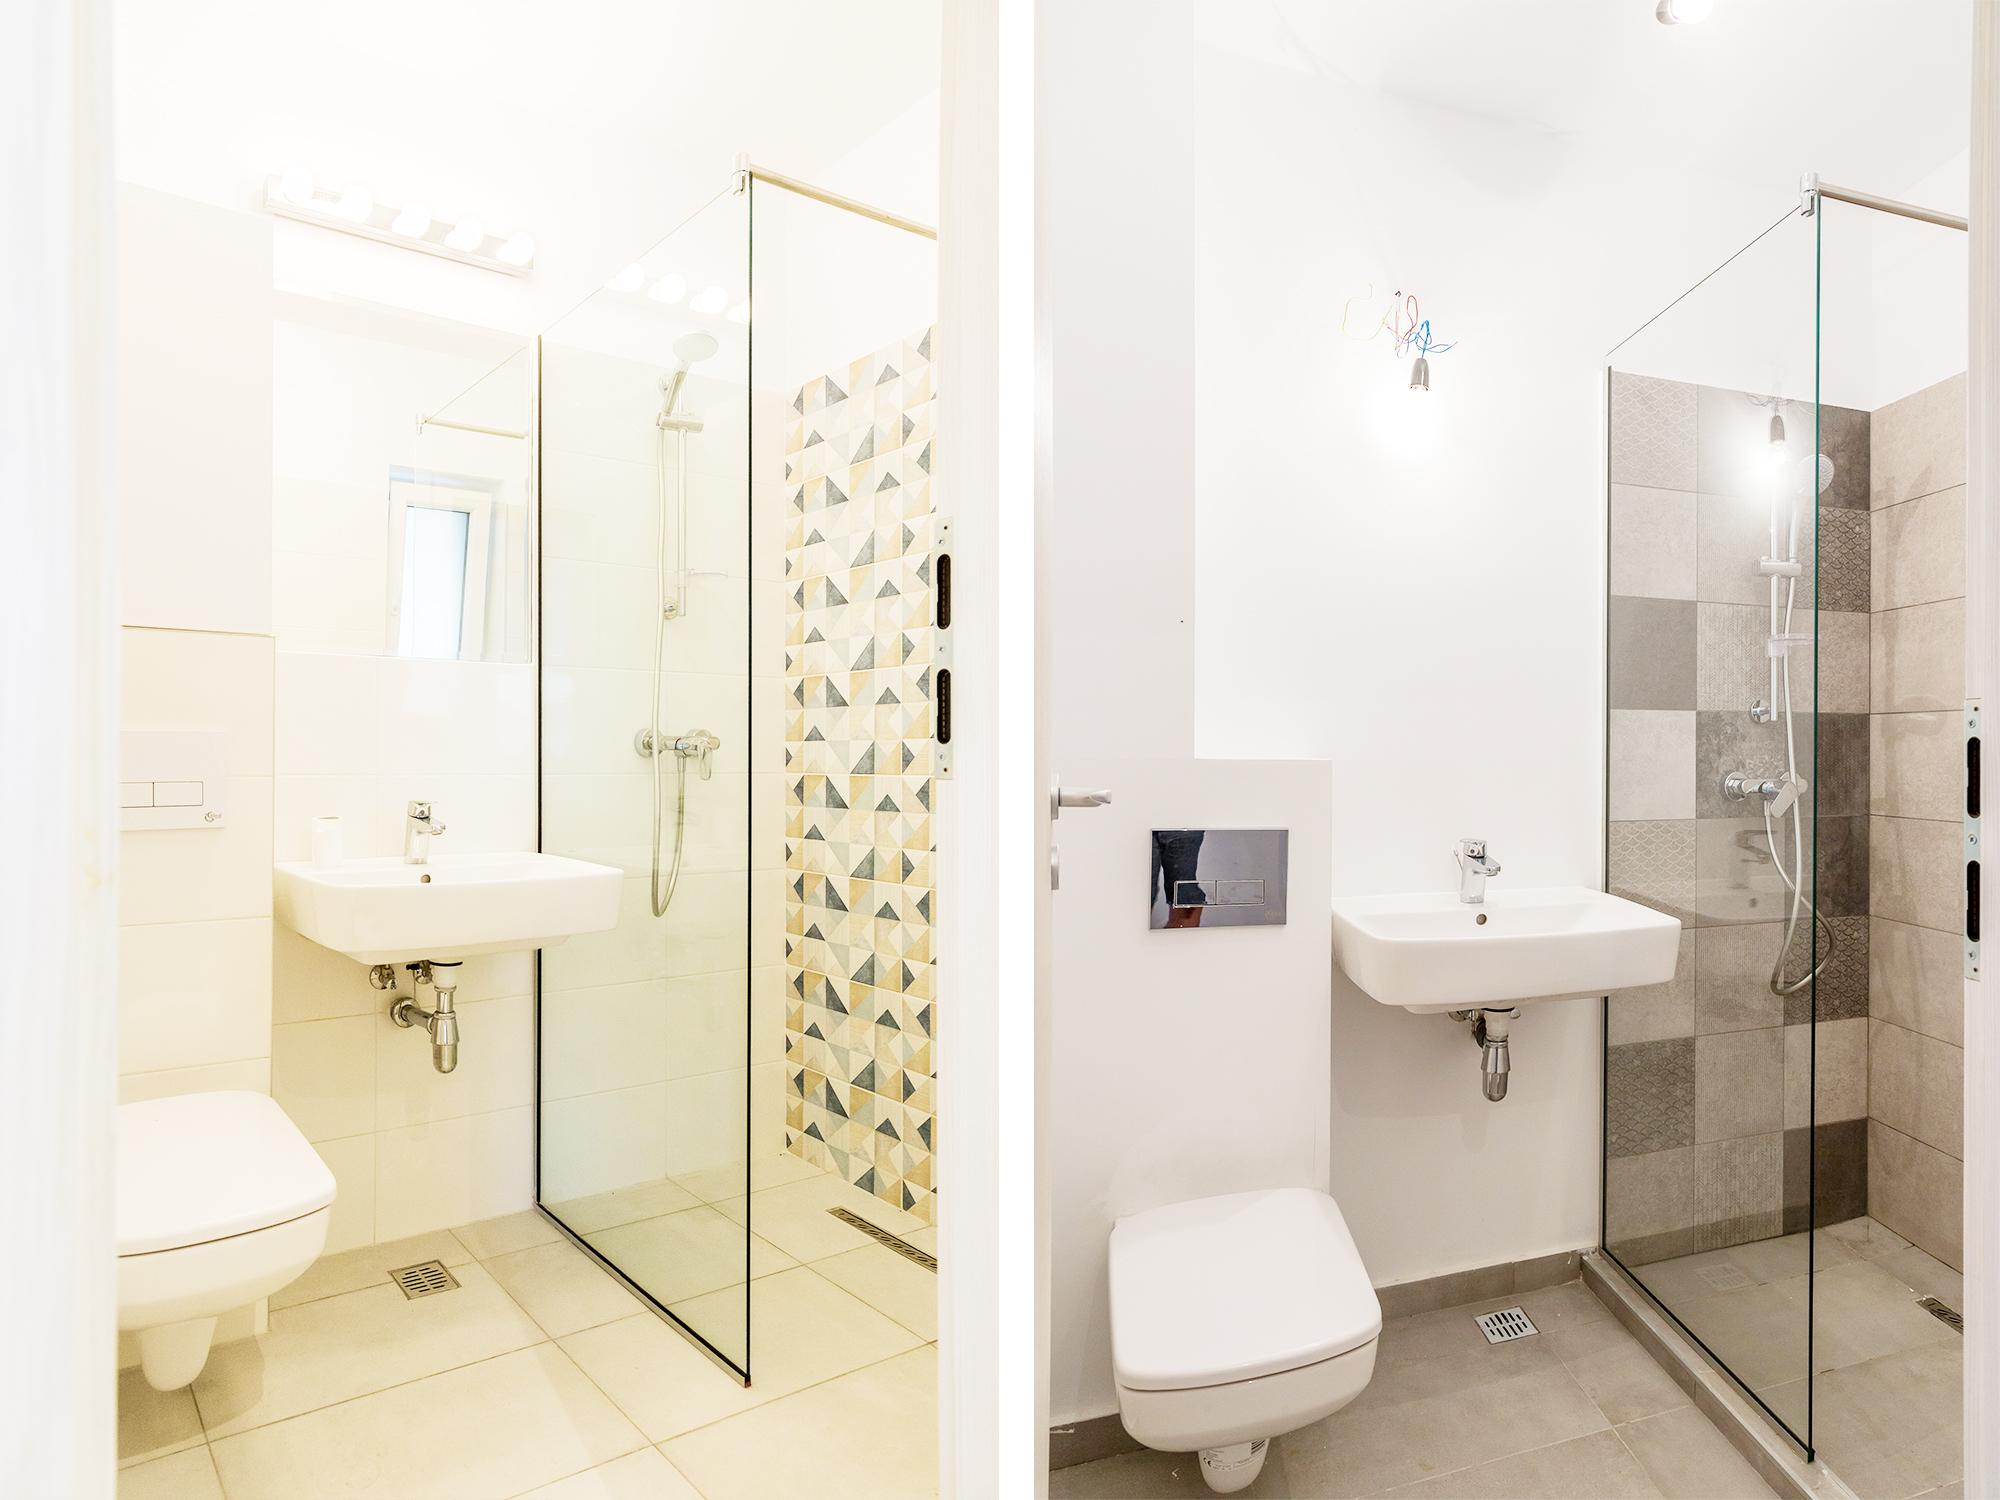 Vile-Faza-3-LaRa-Condominium-11